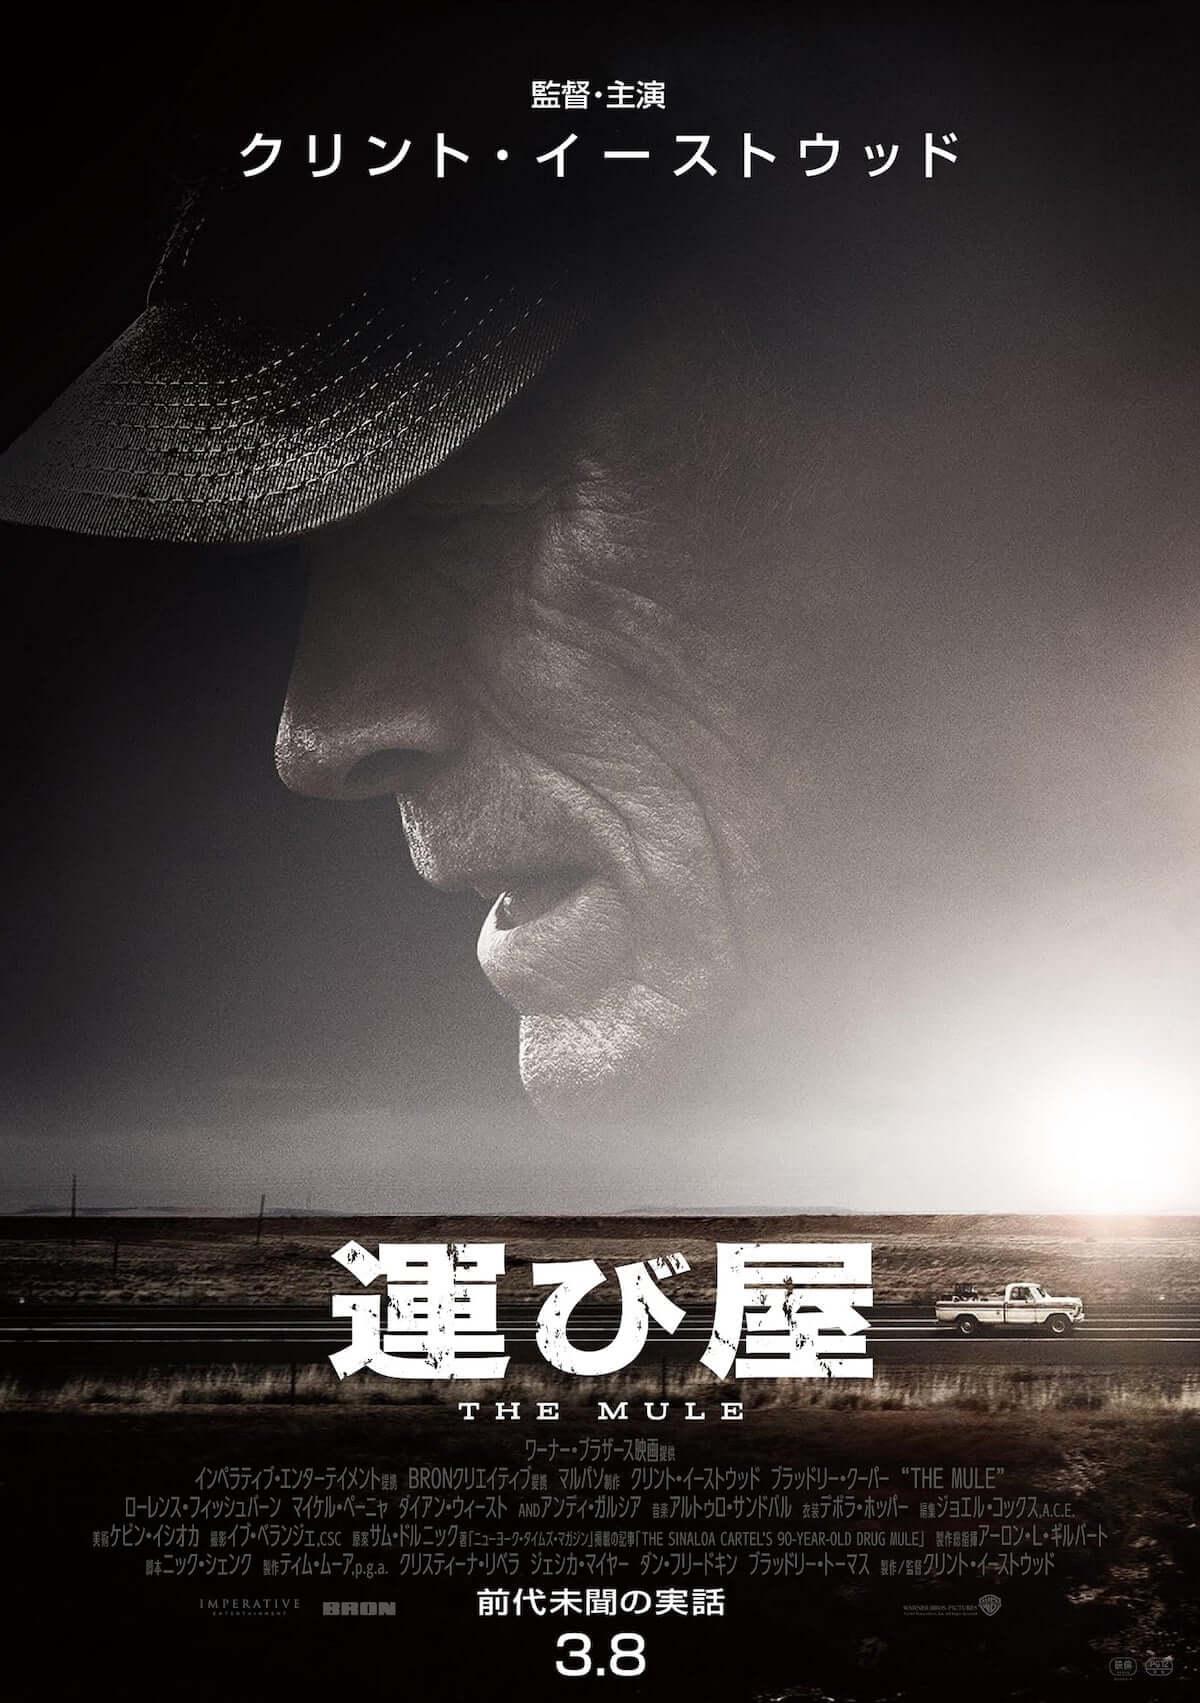 クリント・イーストウッド監督より日本へメッセージ。映画『運び屋』完成までの軌跡とは? film181216-hakobiyamovie-1-1200x1703